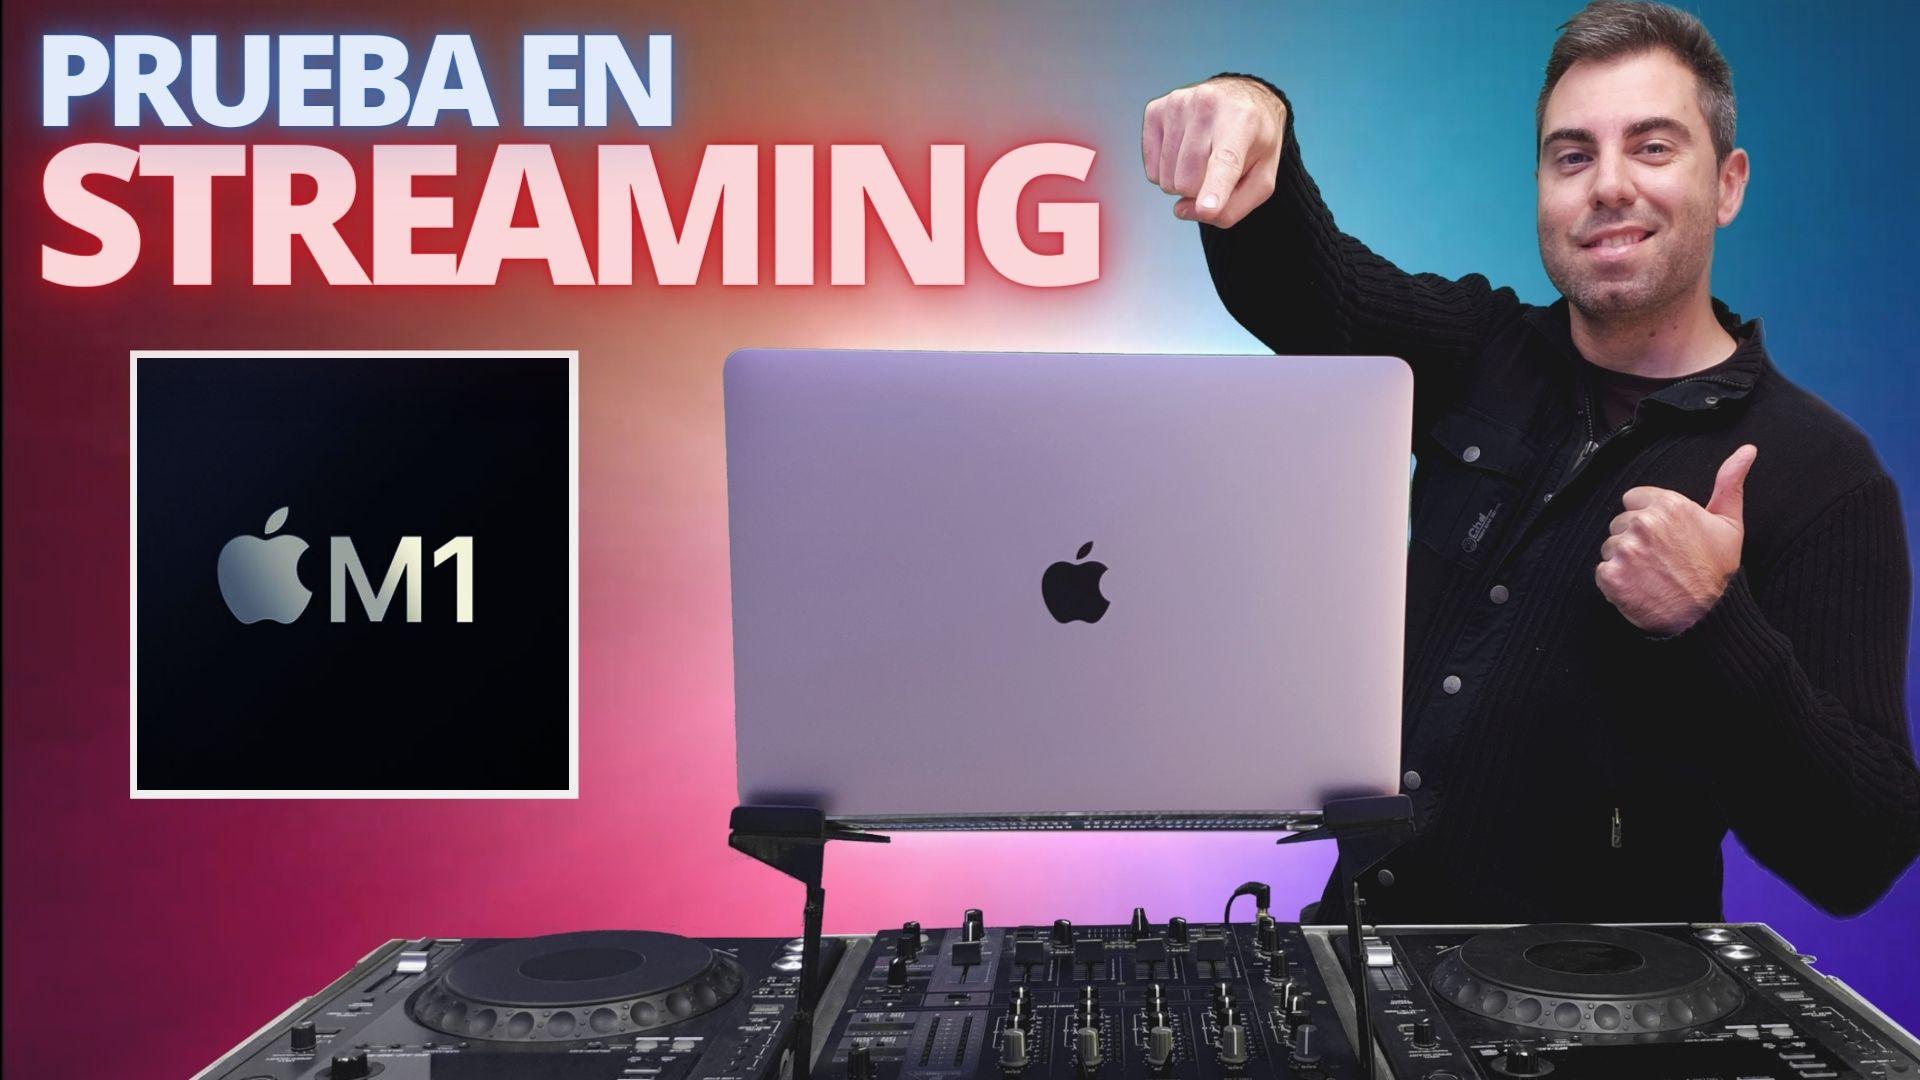 M1 a prueba en Streaming